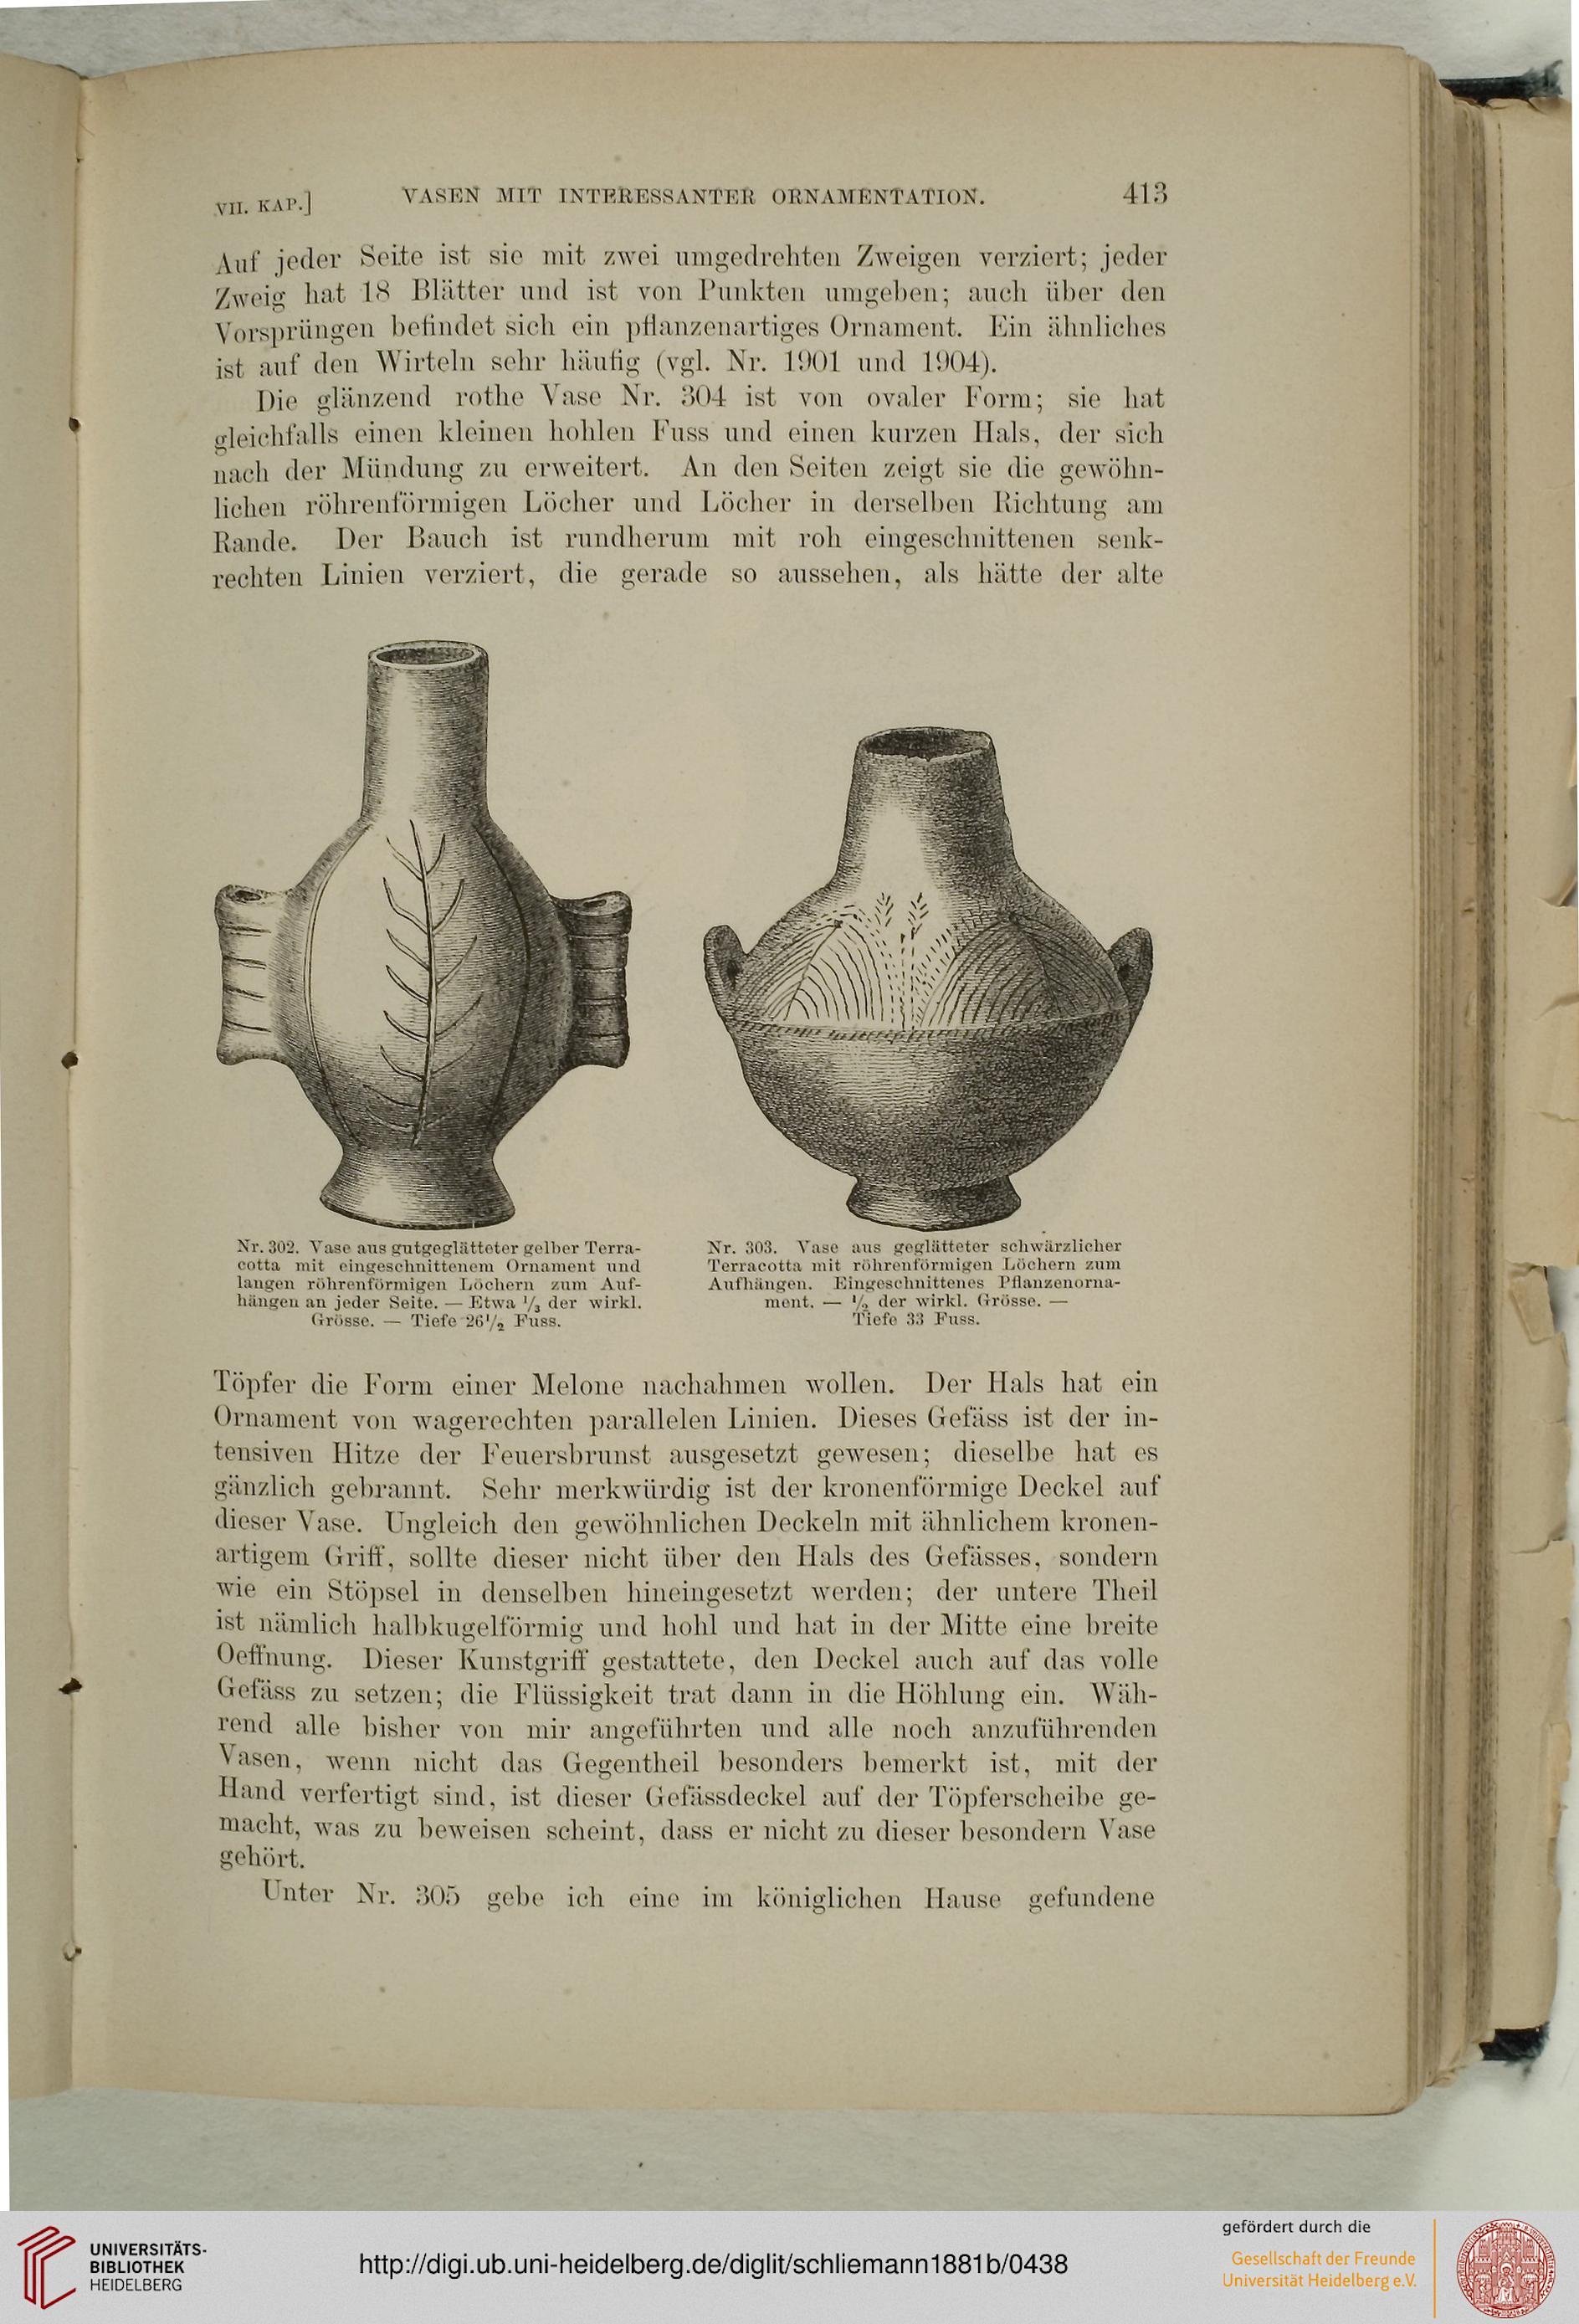 WunderschöNen Antik Vase Topf Kanne Grosses Set Siehe Alle Bilder Eine Lange Historische Stellung Haben Kupfer Metallobjekte